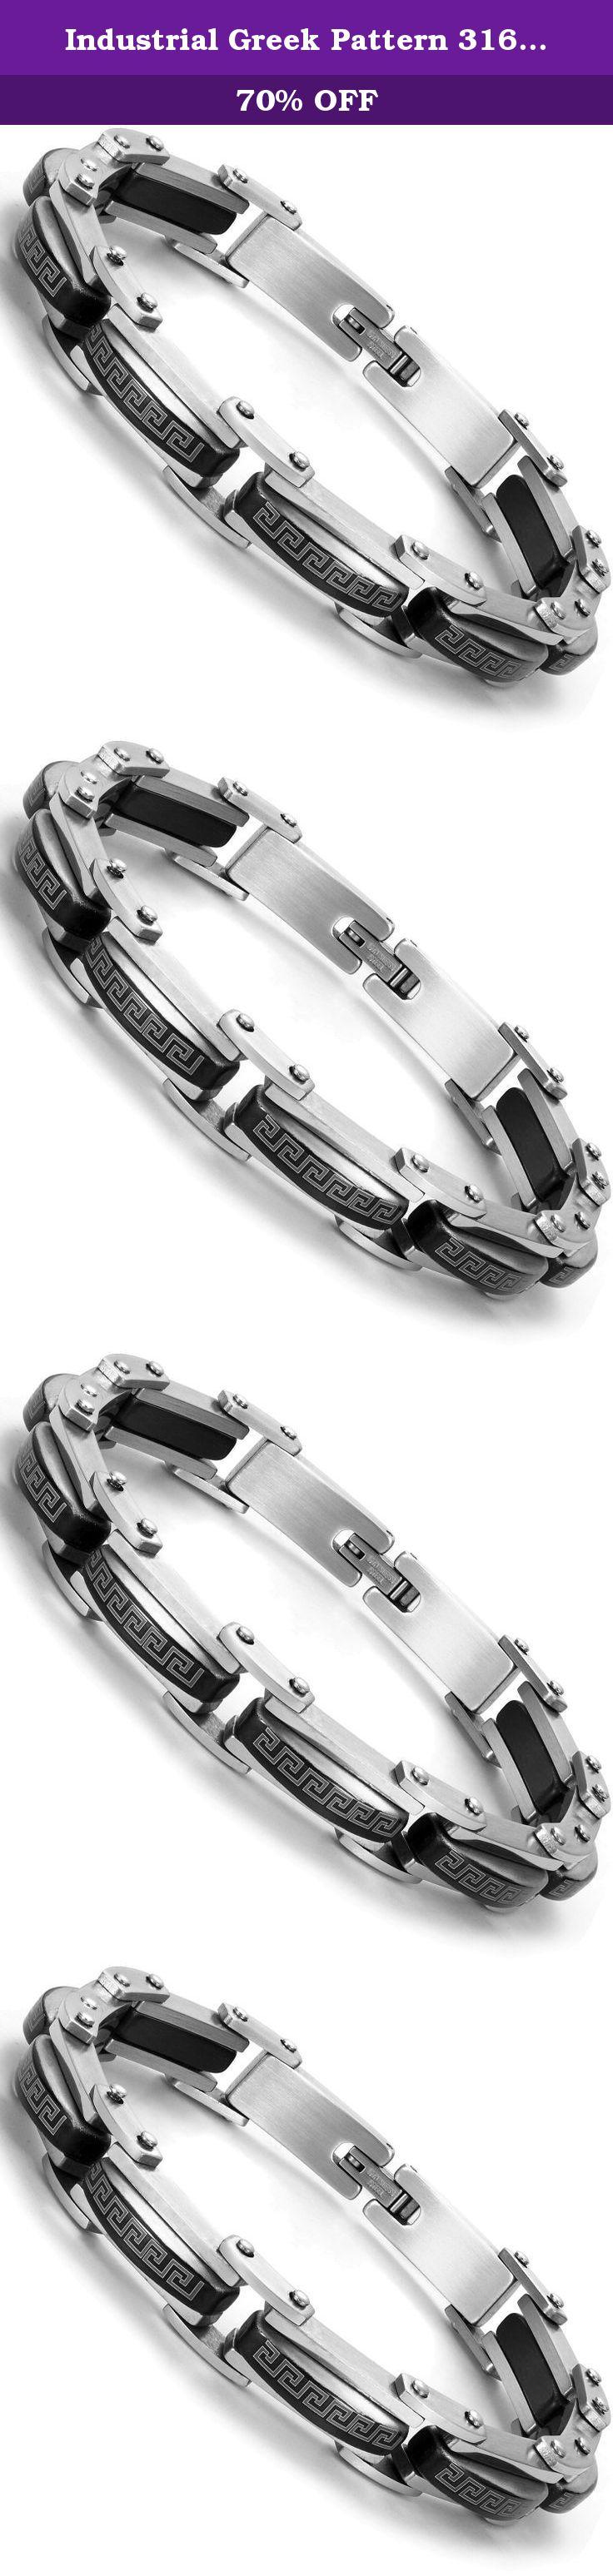 Industrial greek pattern l stainless steel link cuff bracelet for